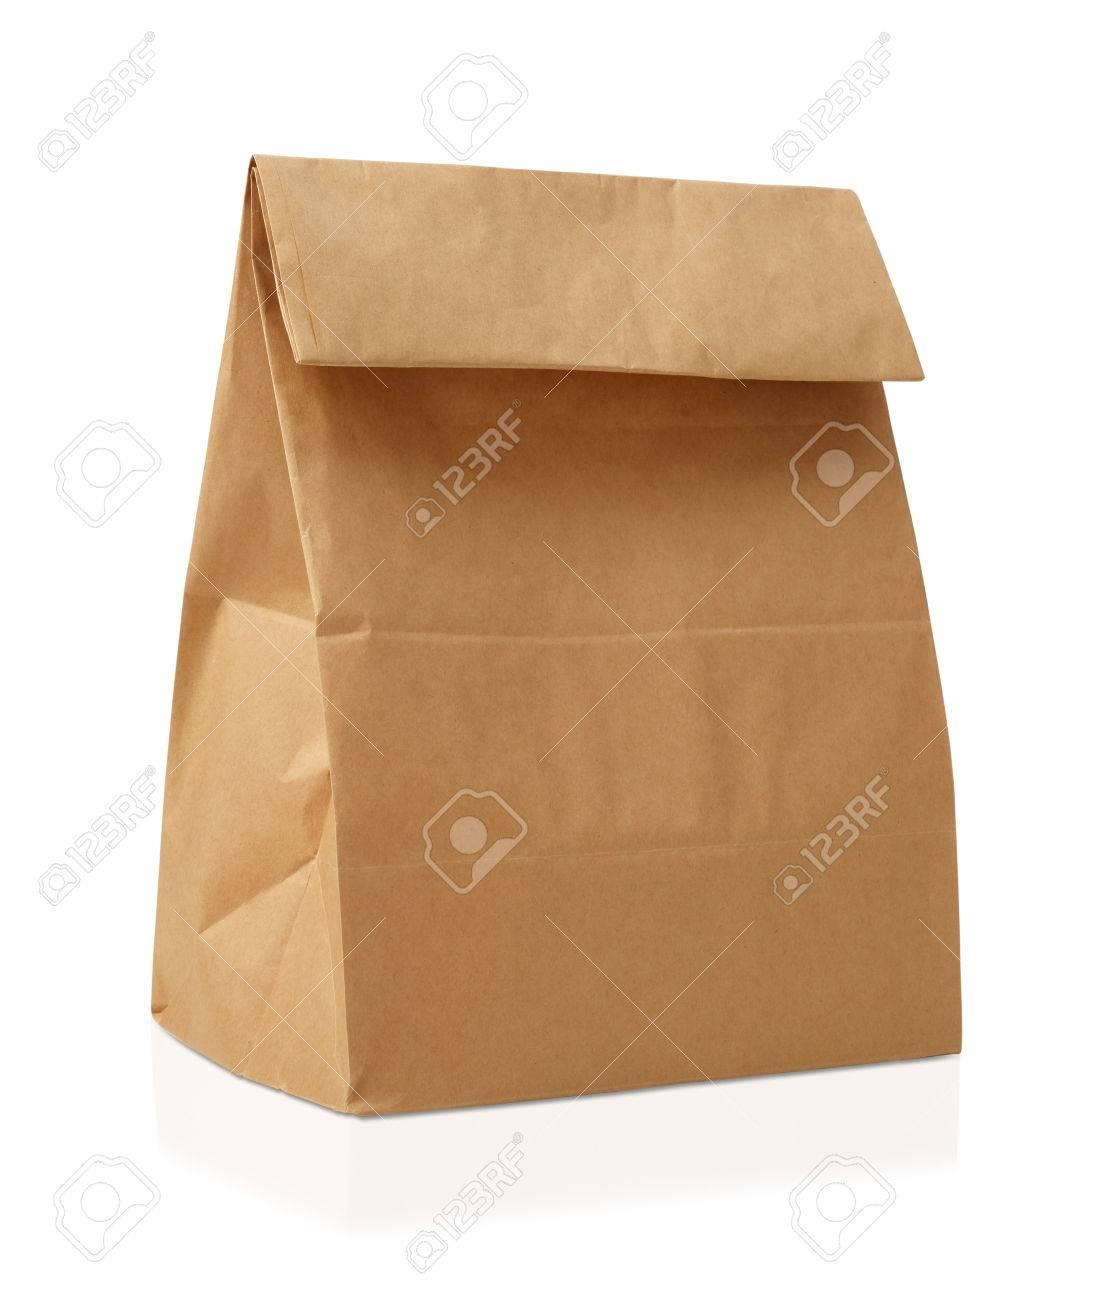 Recycle brown paper bag. - 65872259